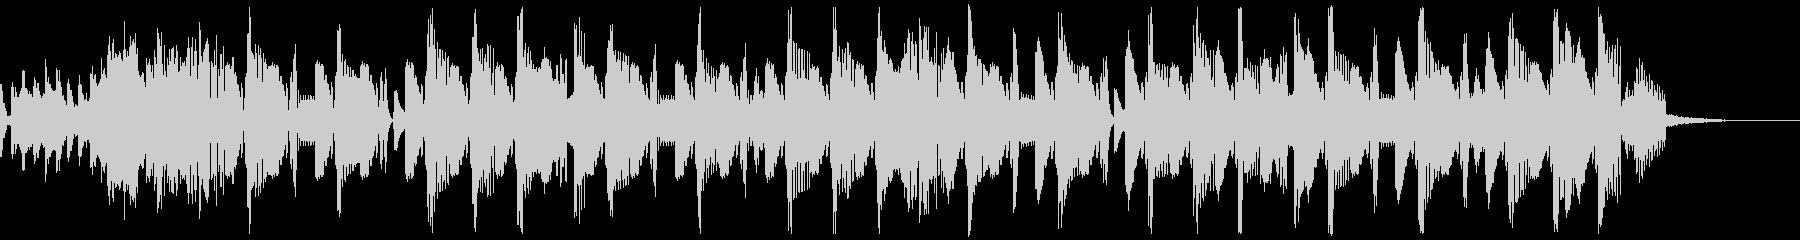 G-Houseジングル1の未再生の波形